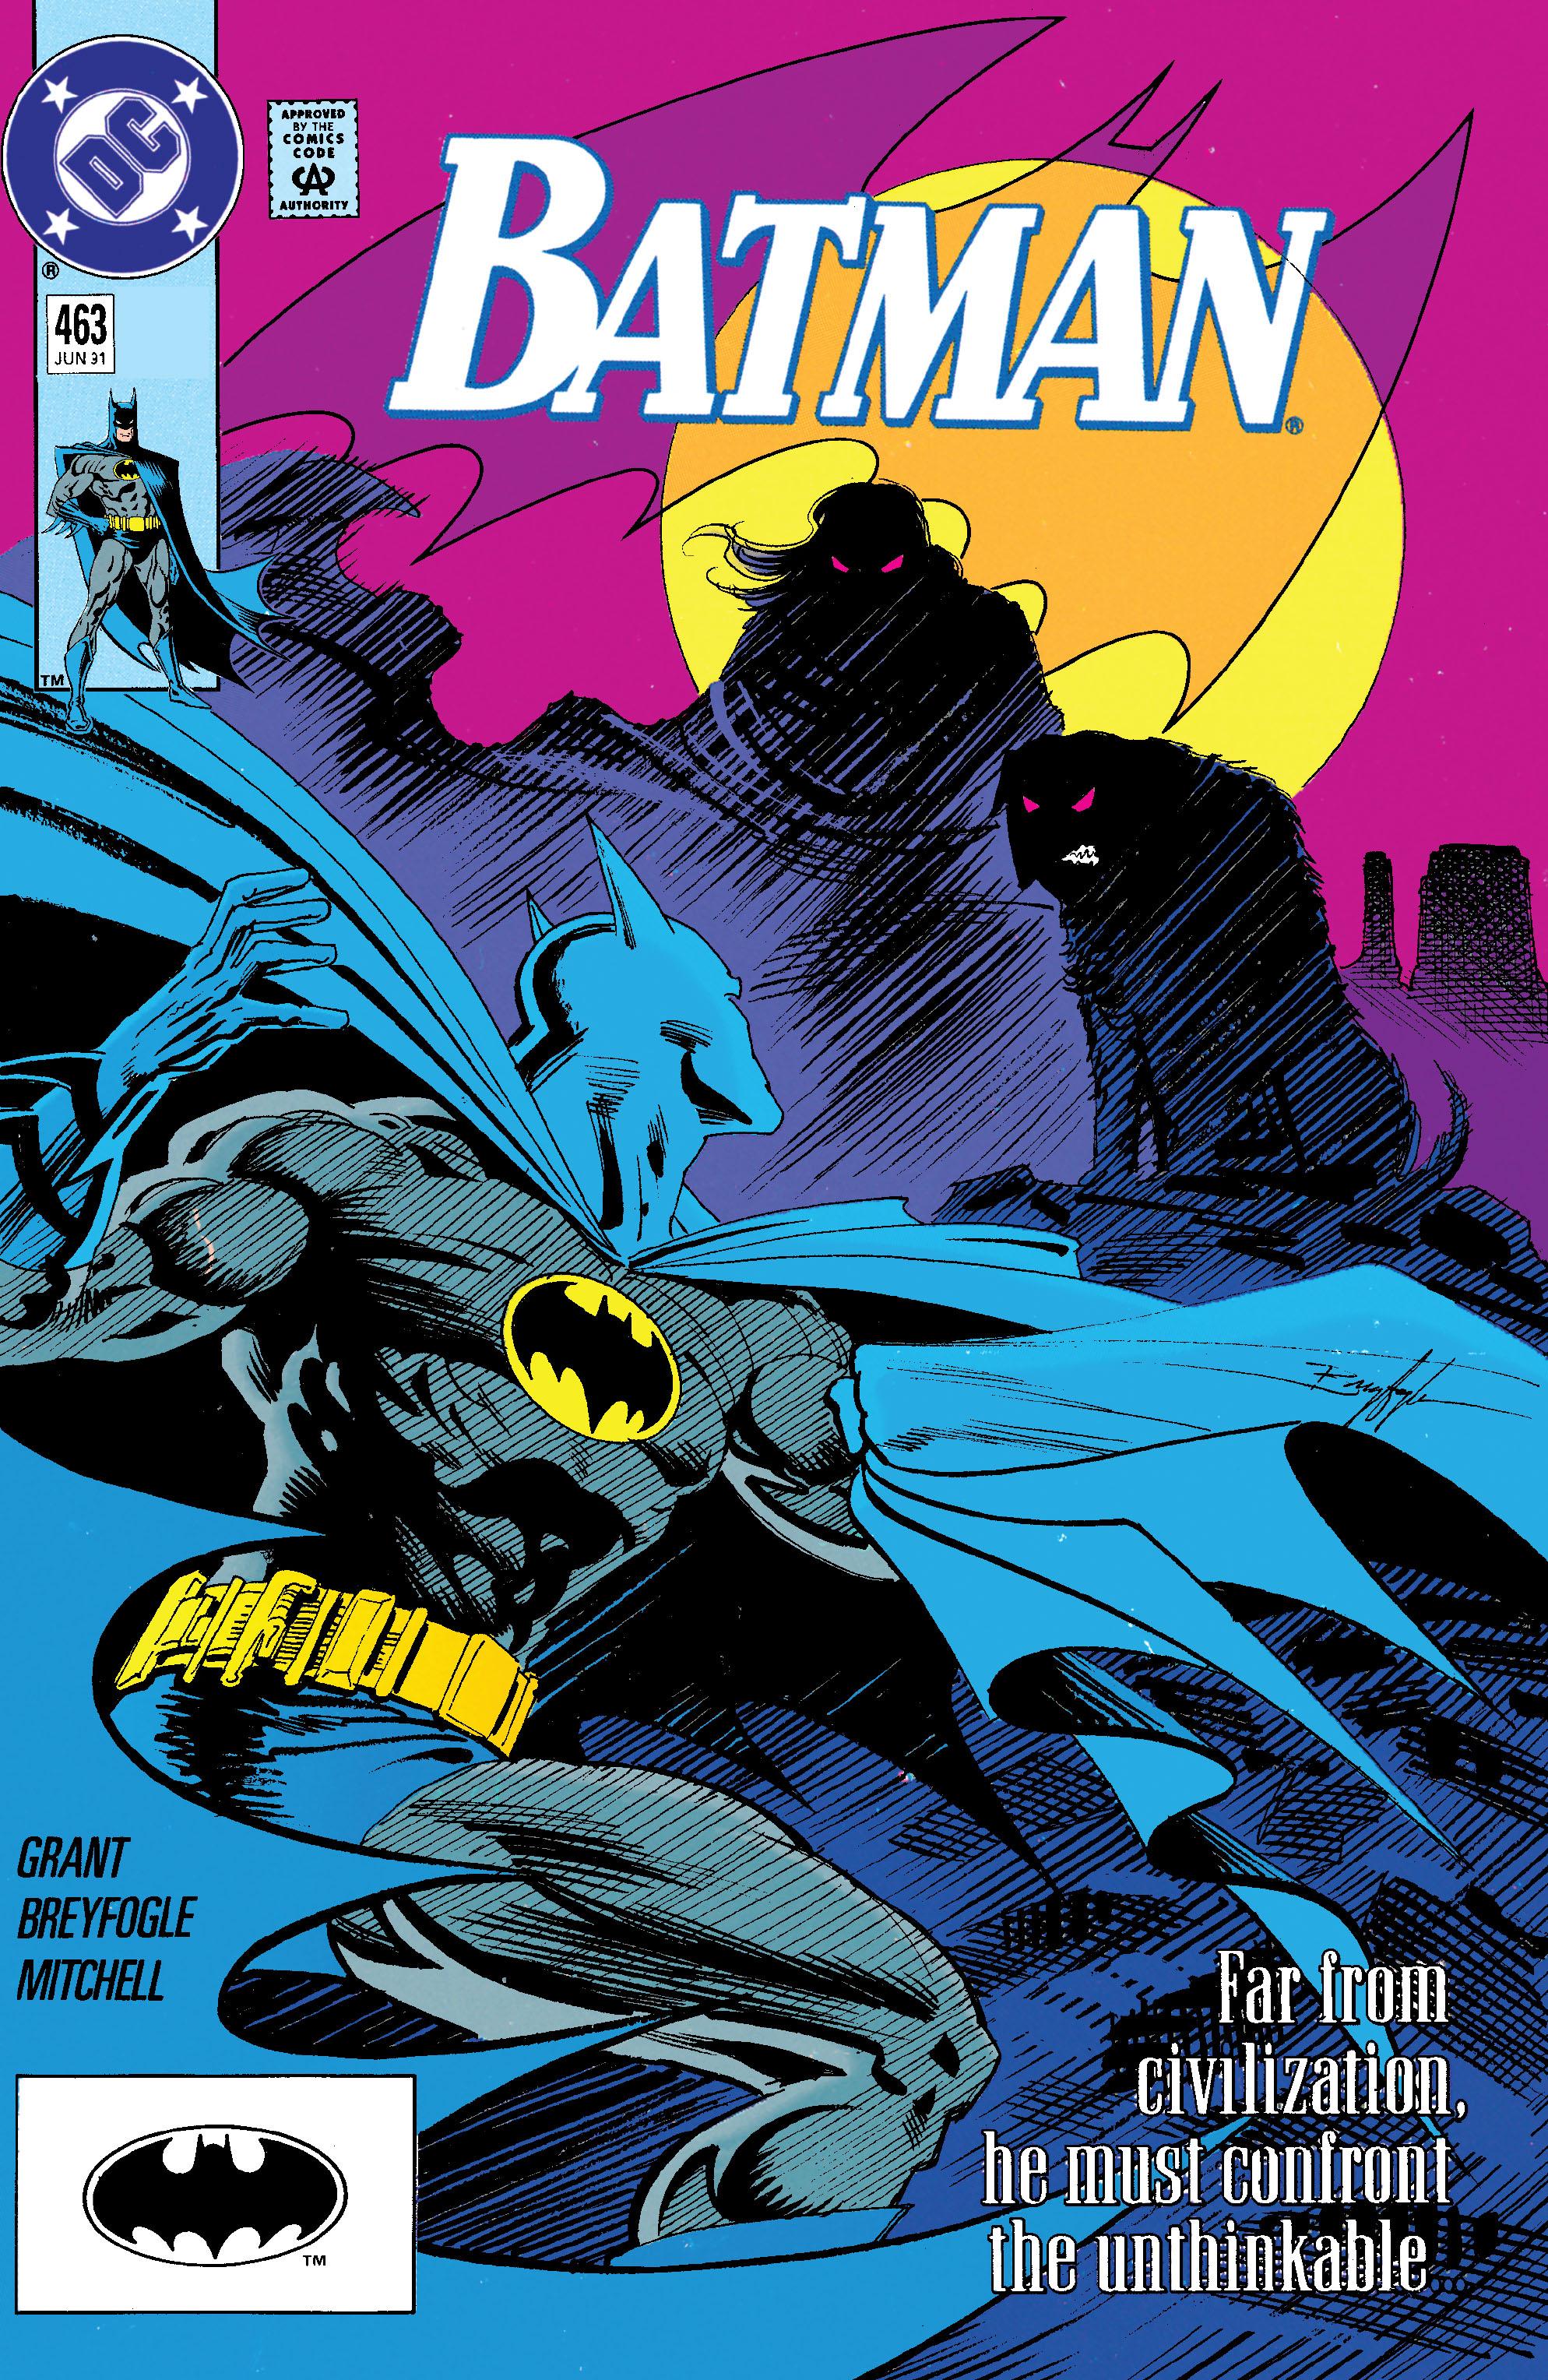 Batman (1940) 463 Page 1